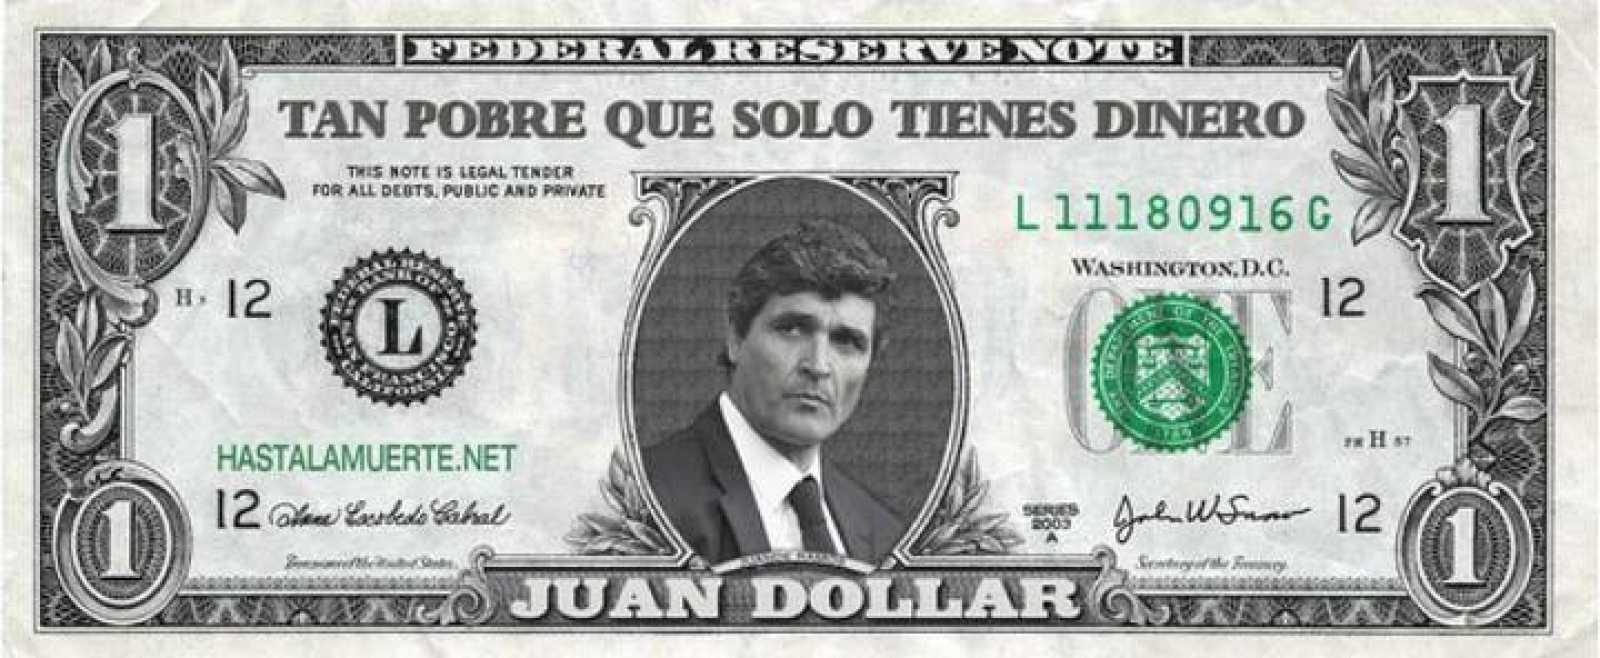 Un grupo de aficionados ha creado estos originales billetes para animar y 'encender' a los sevillistas que este sábado se enfrentan al Real Madrid.